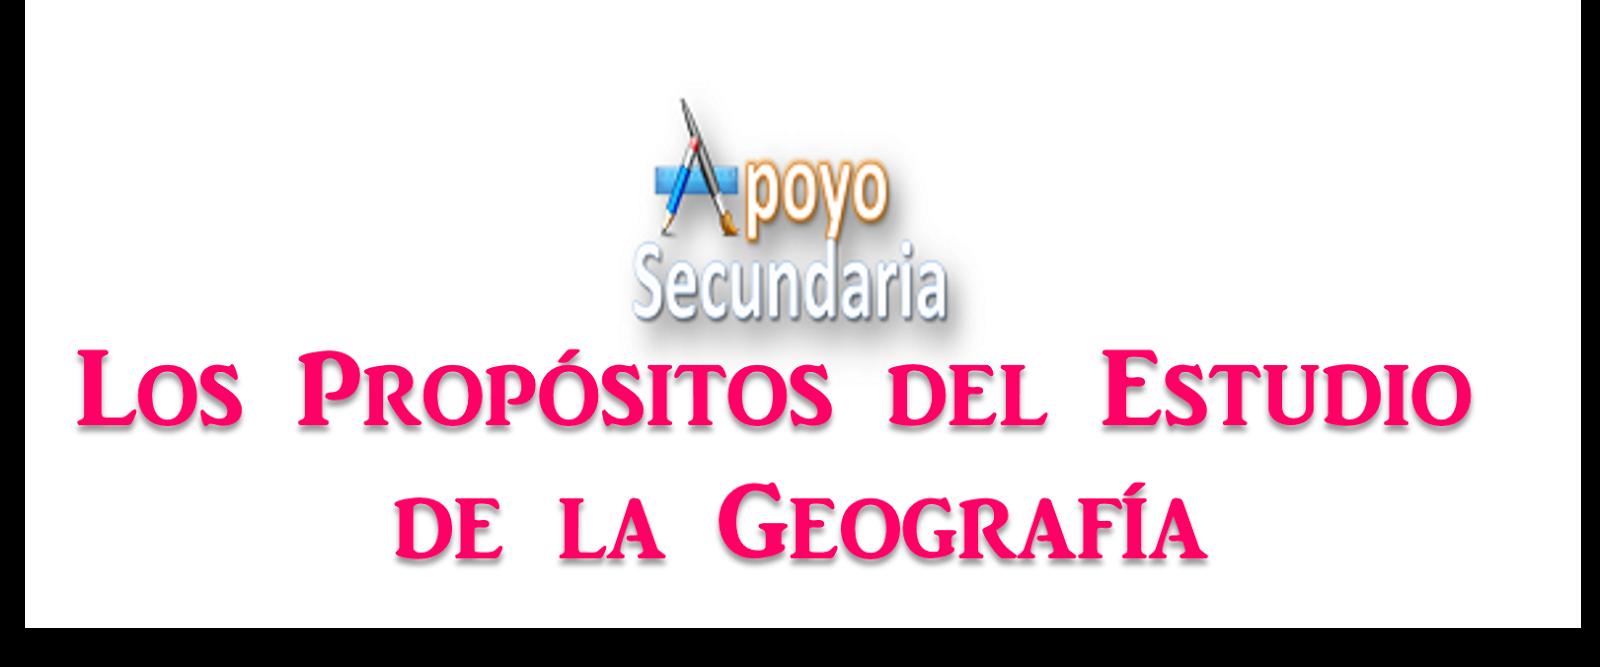 Propósitos del estudio de la geografía